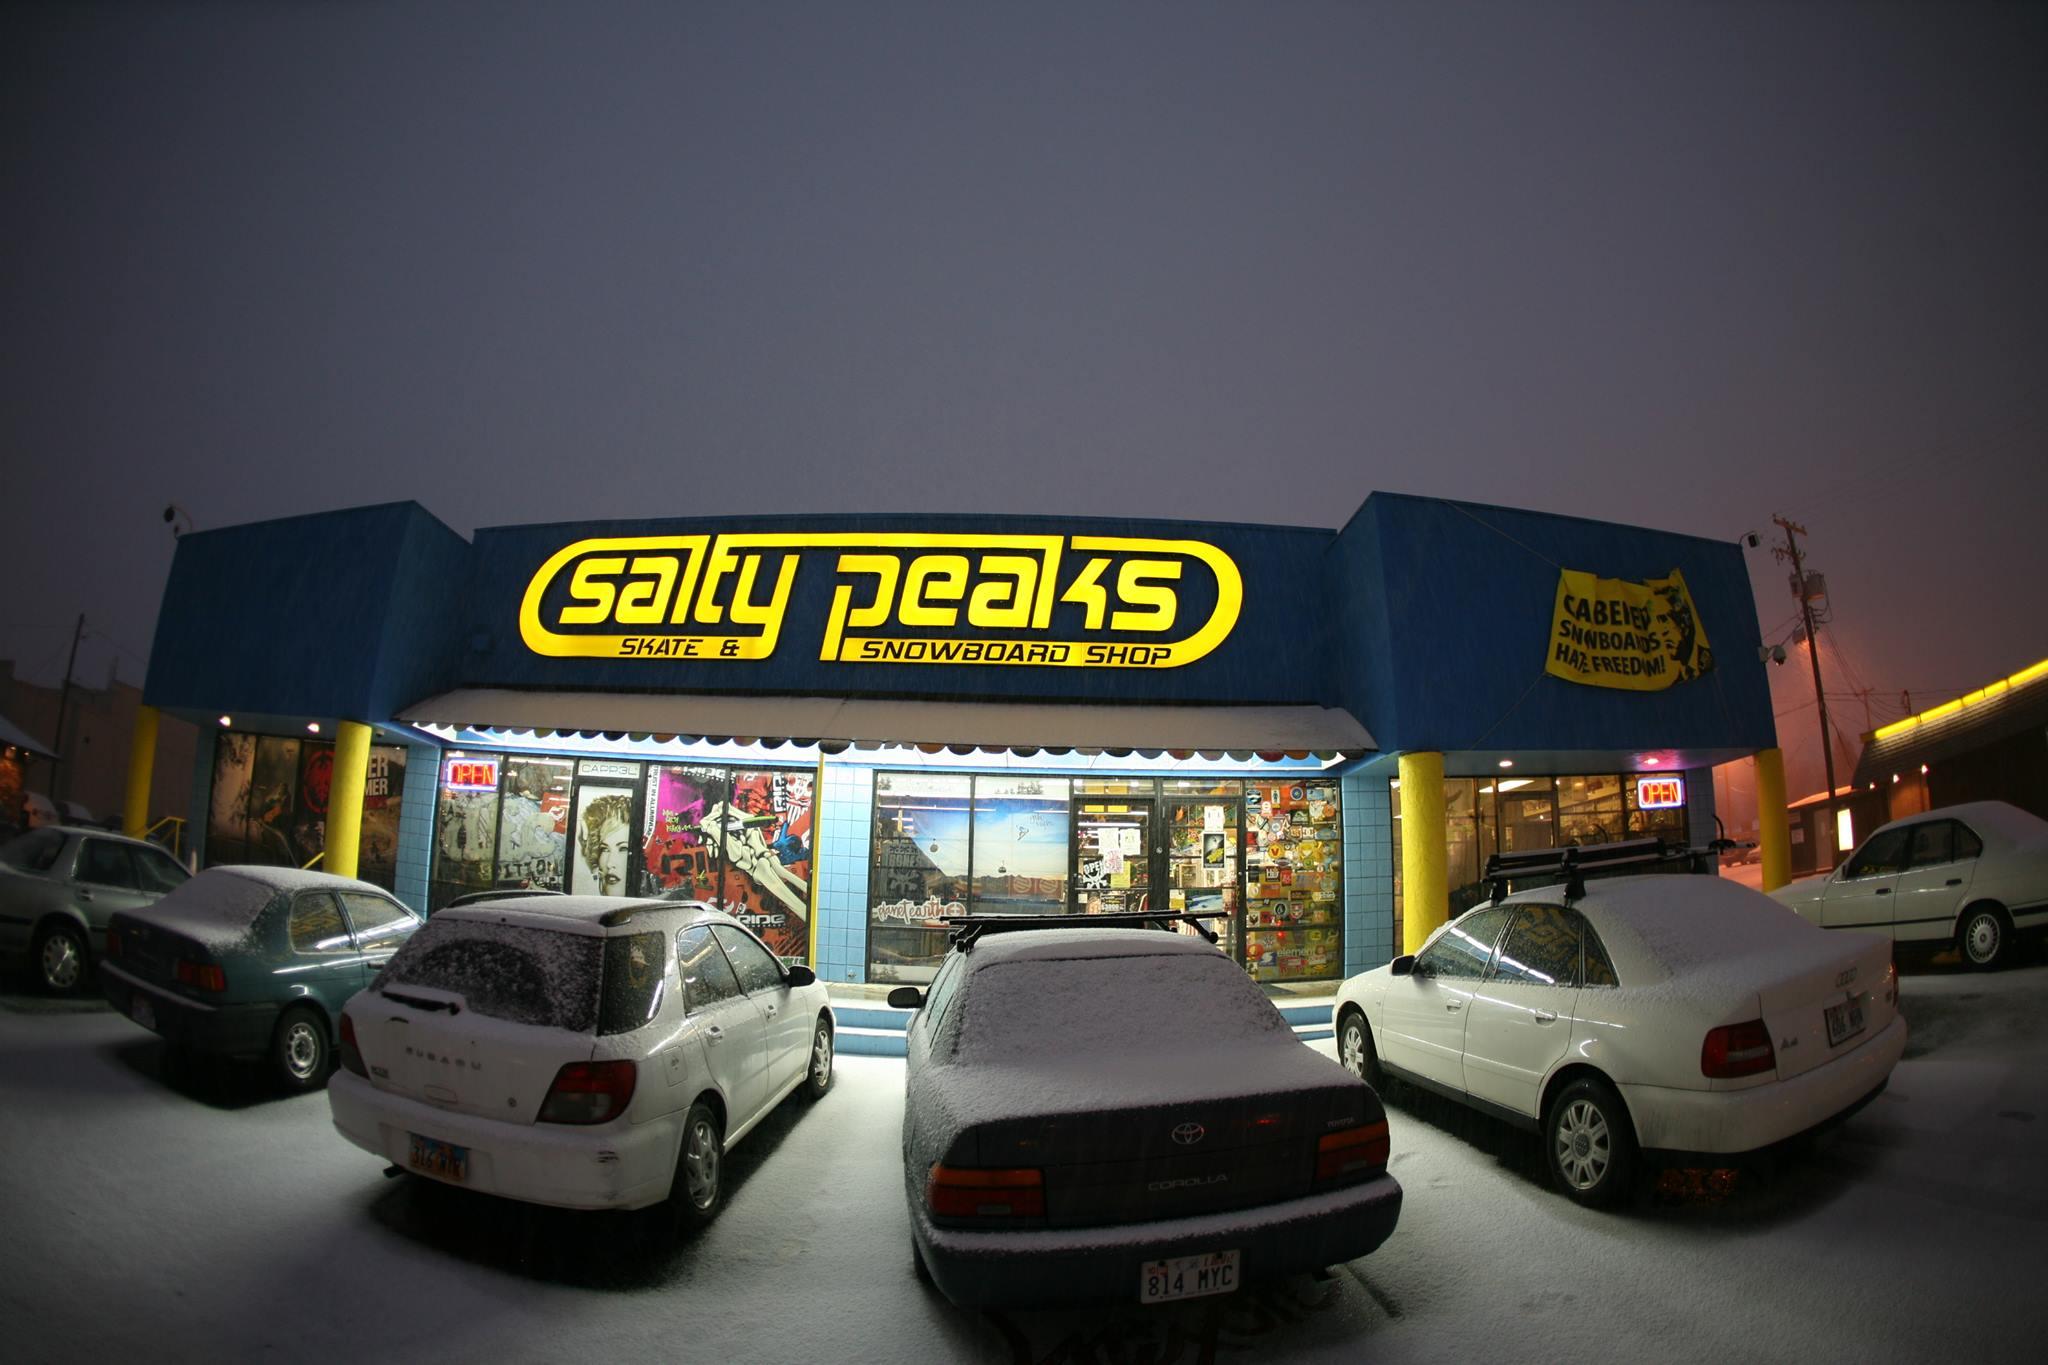 Salty Peaks Skate & Snowboard Shop